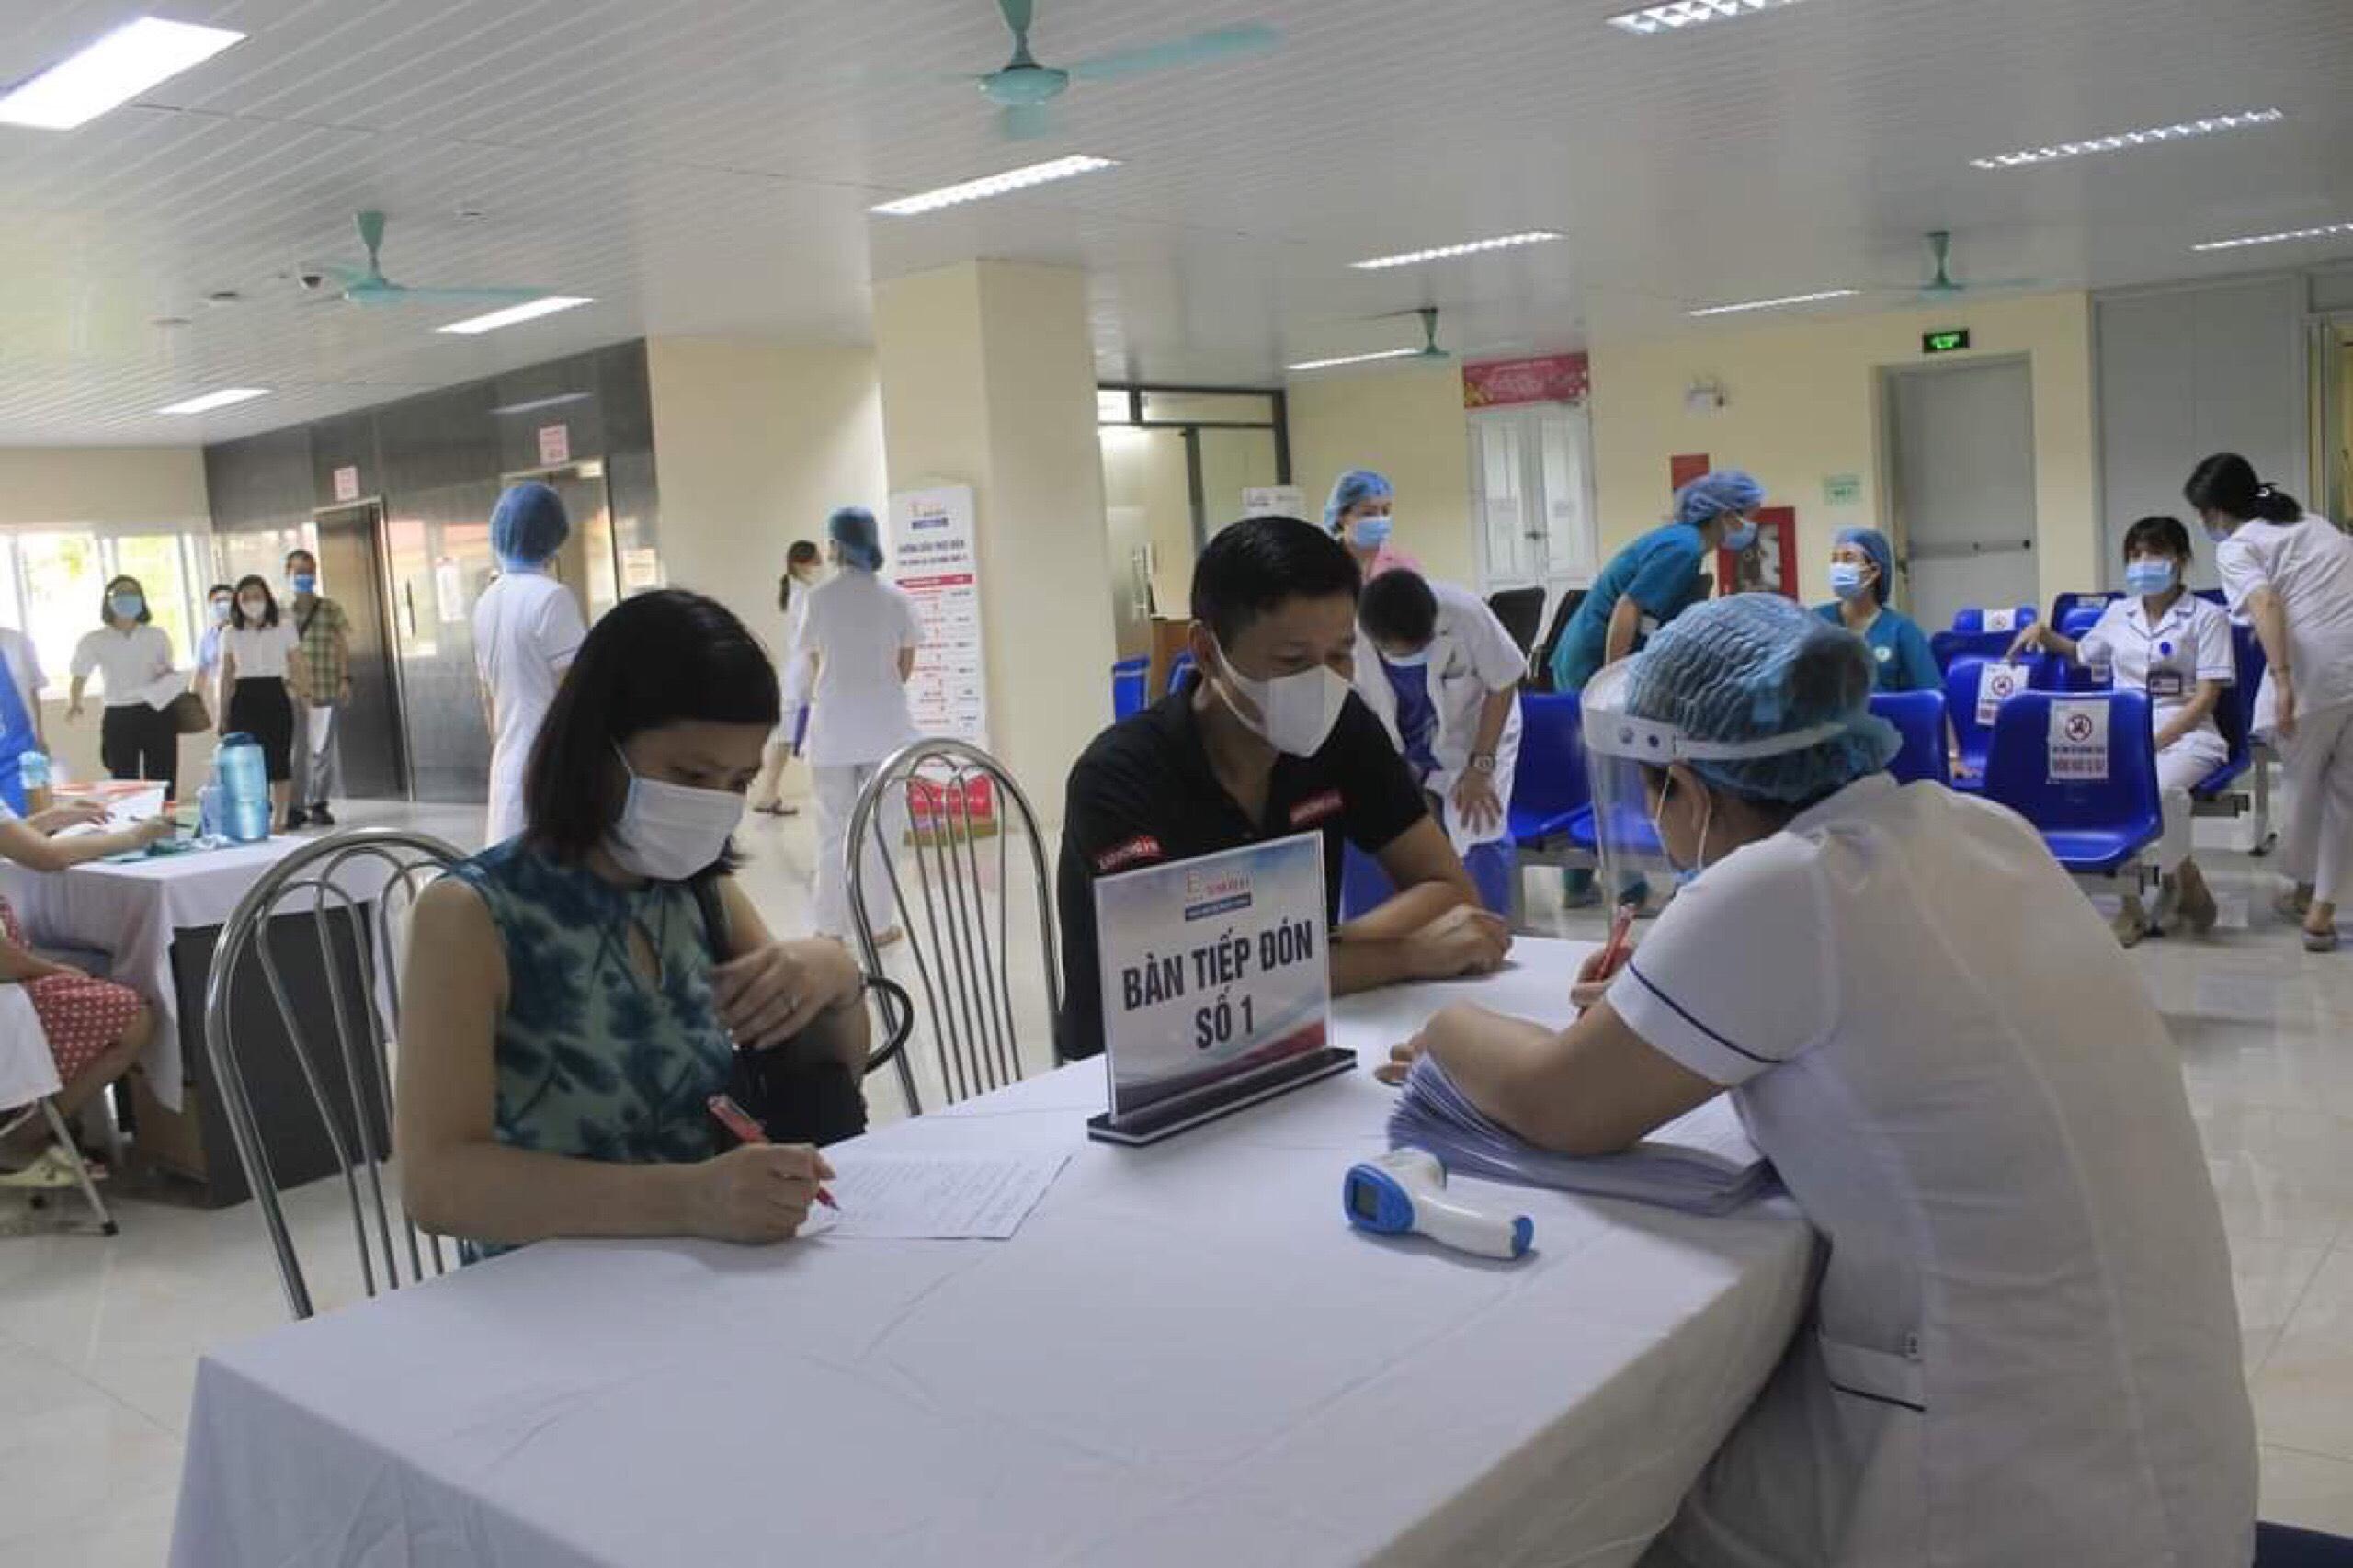 Người dân đến điểm tiêm chủng vắc xin COVID-19 theo giờ hẹn để đảm bảo giãn cách - ảnh 1